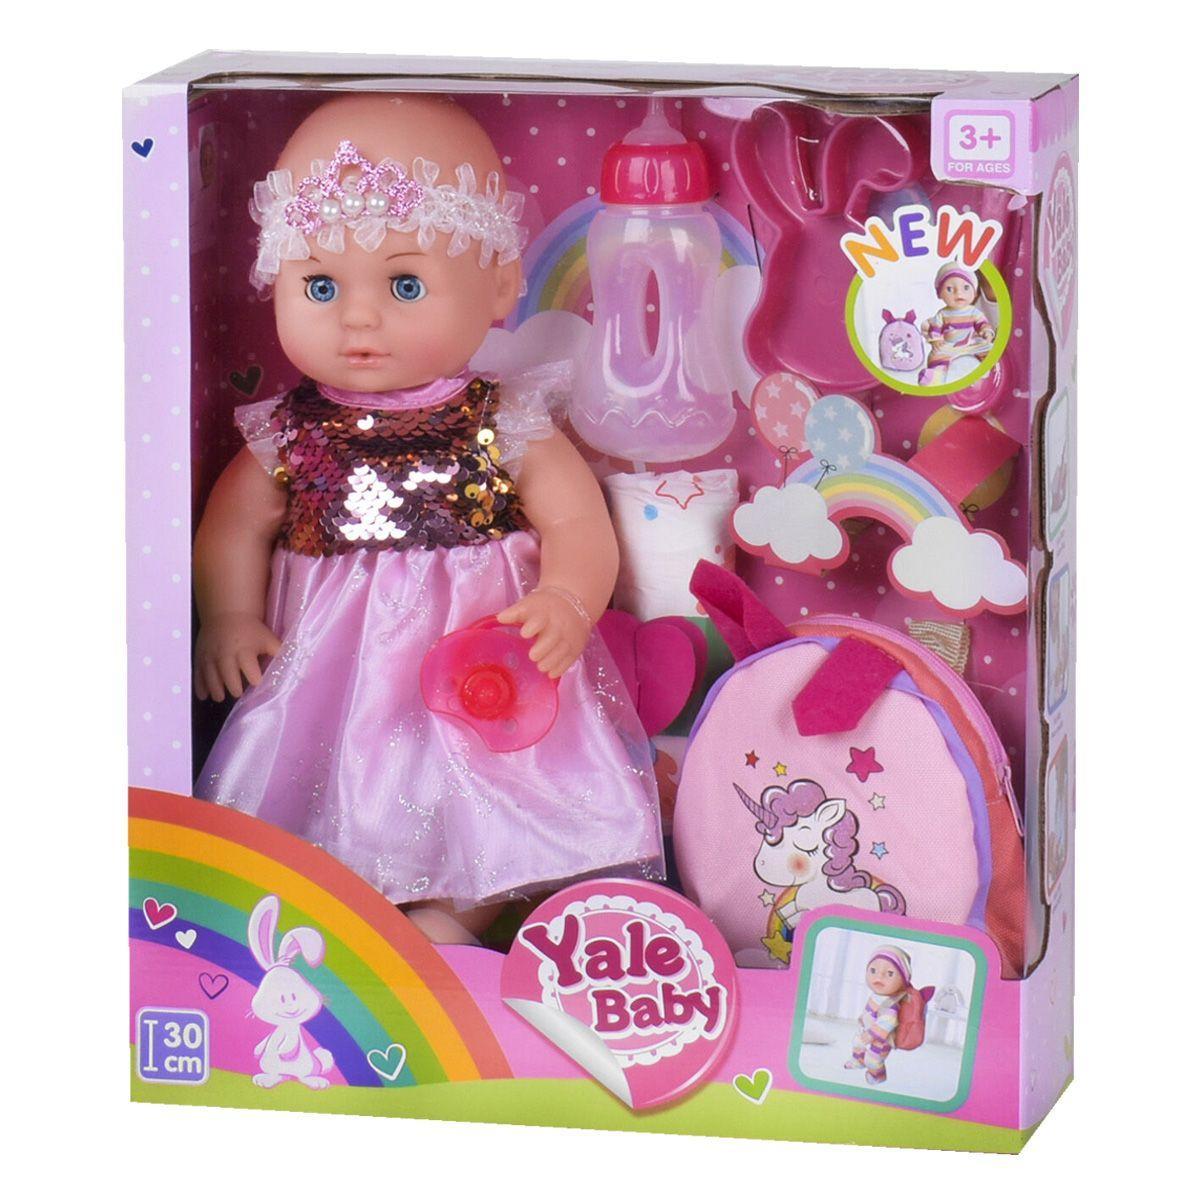 """Пупс Принцесса в платечке """"Yale baby"""", высота 30см"""